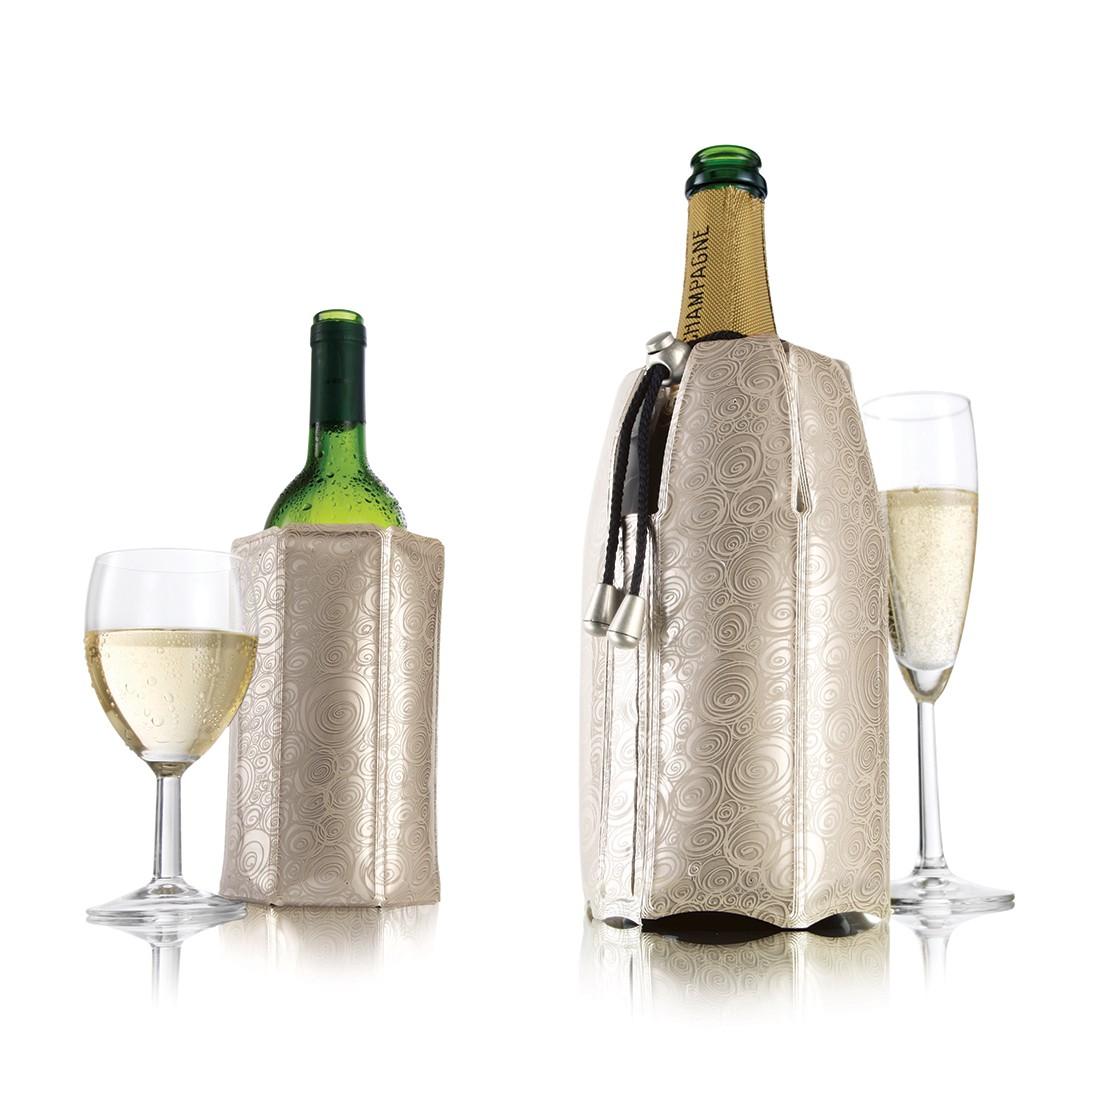 Wein & Champagner Kühler Platin, Vacu Vin günstig kaufen